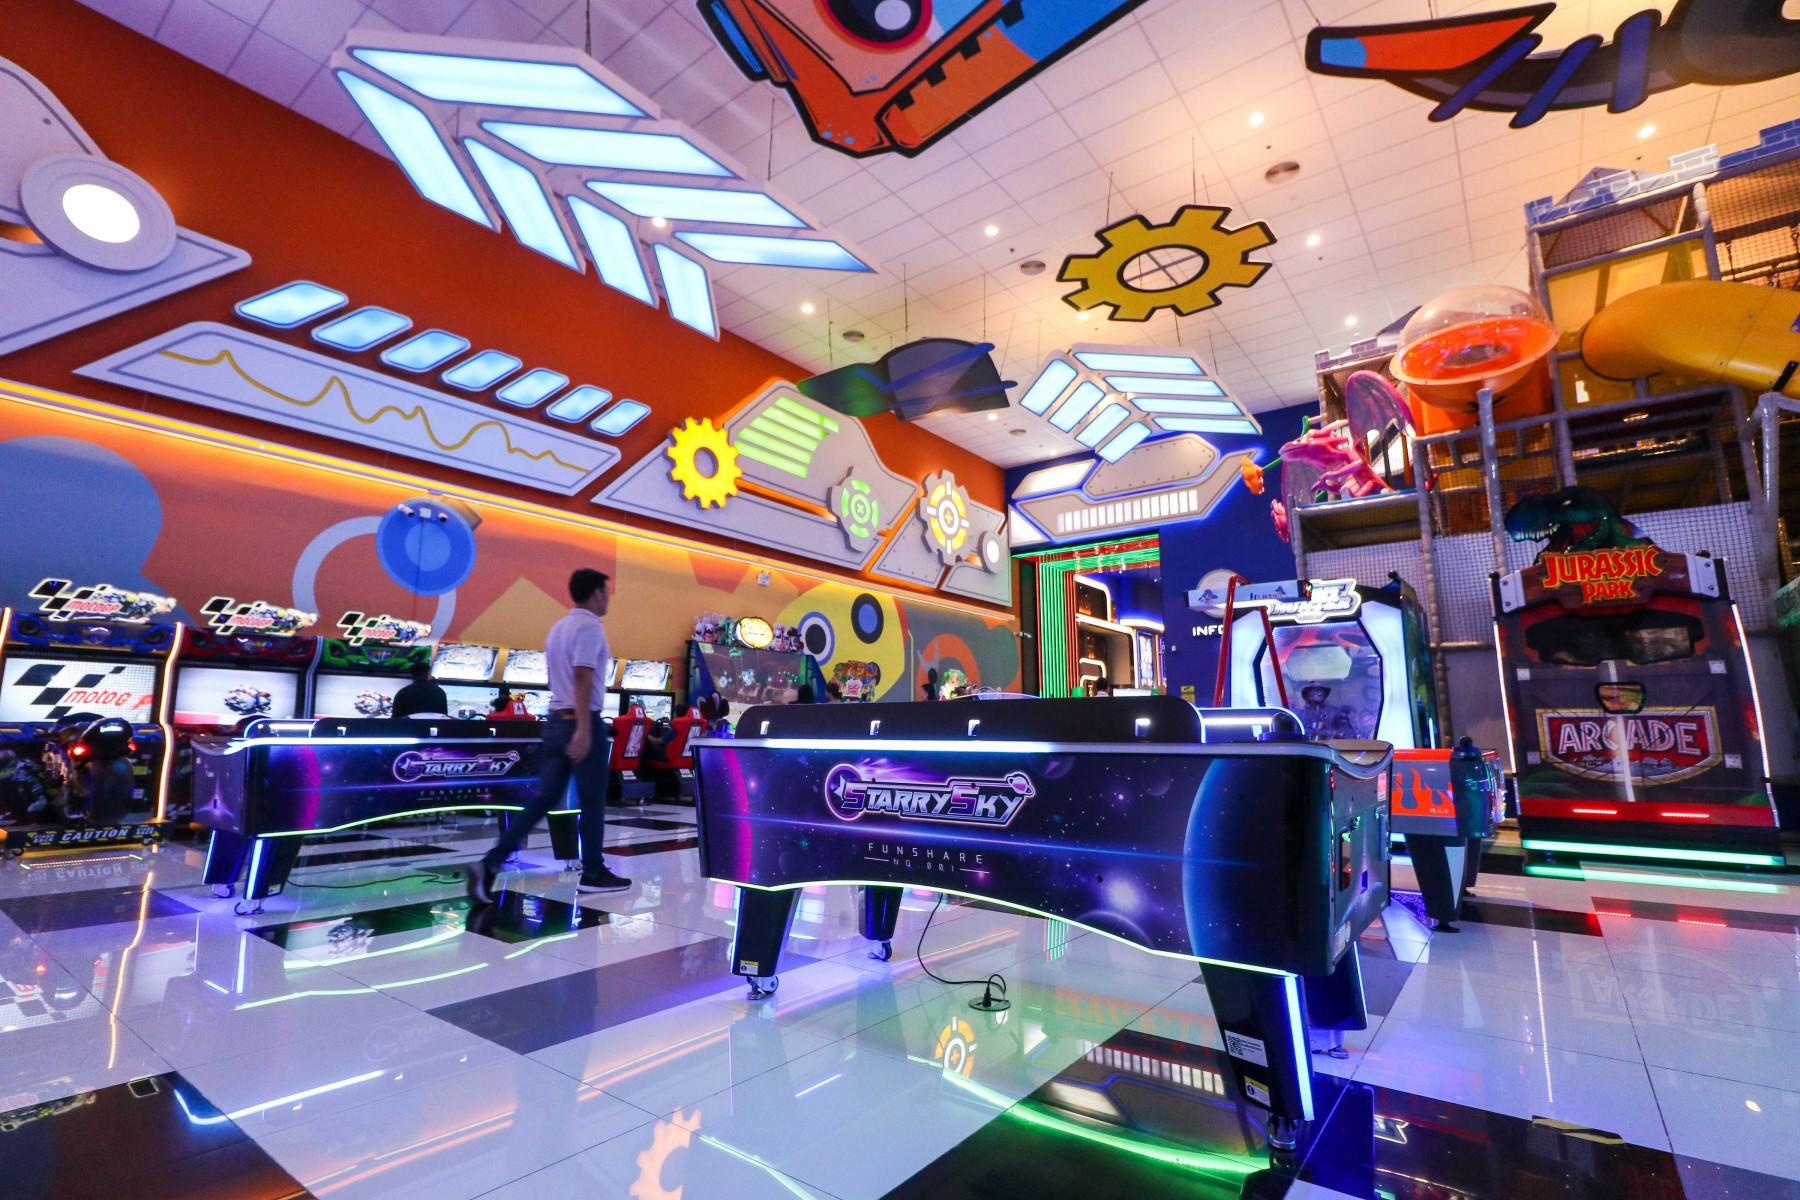 hotel-near-terminal-21-pattaya